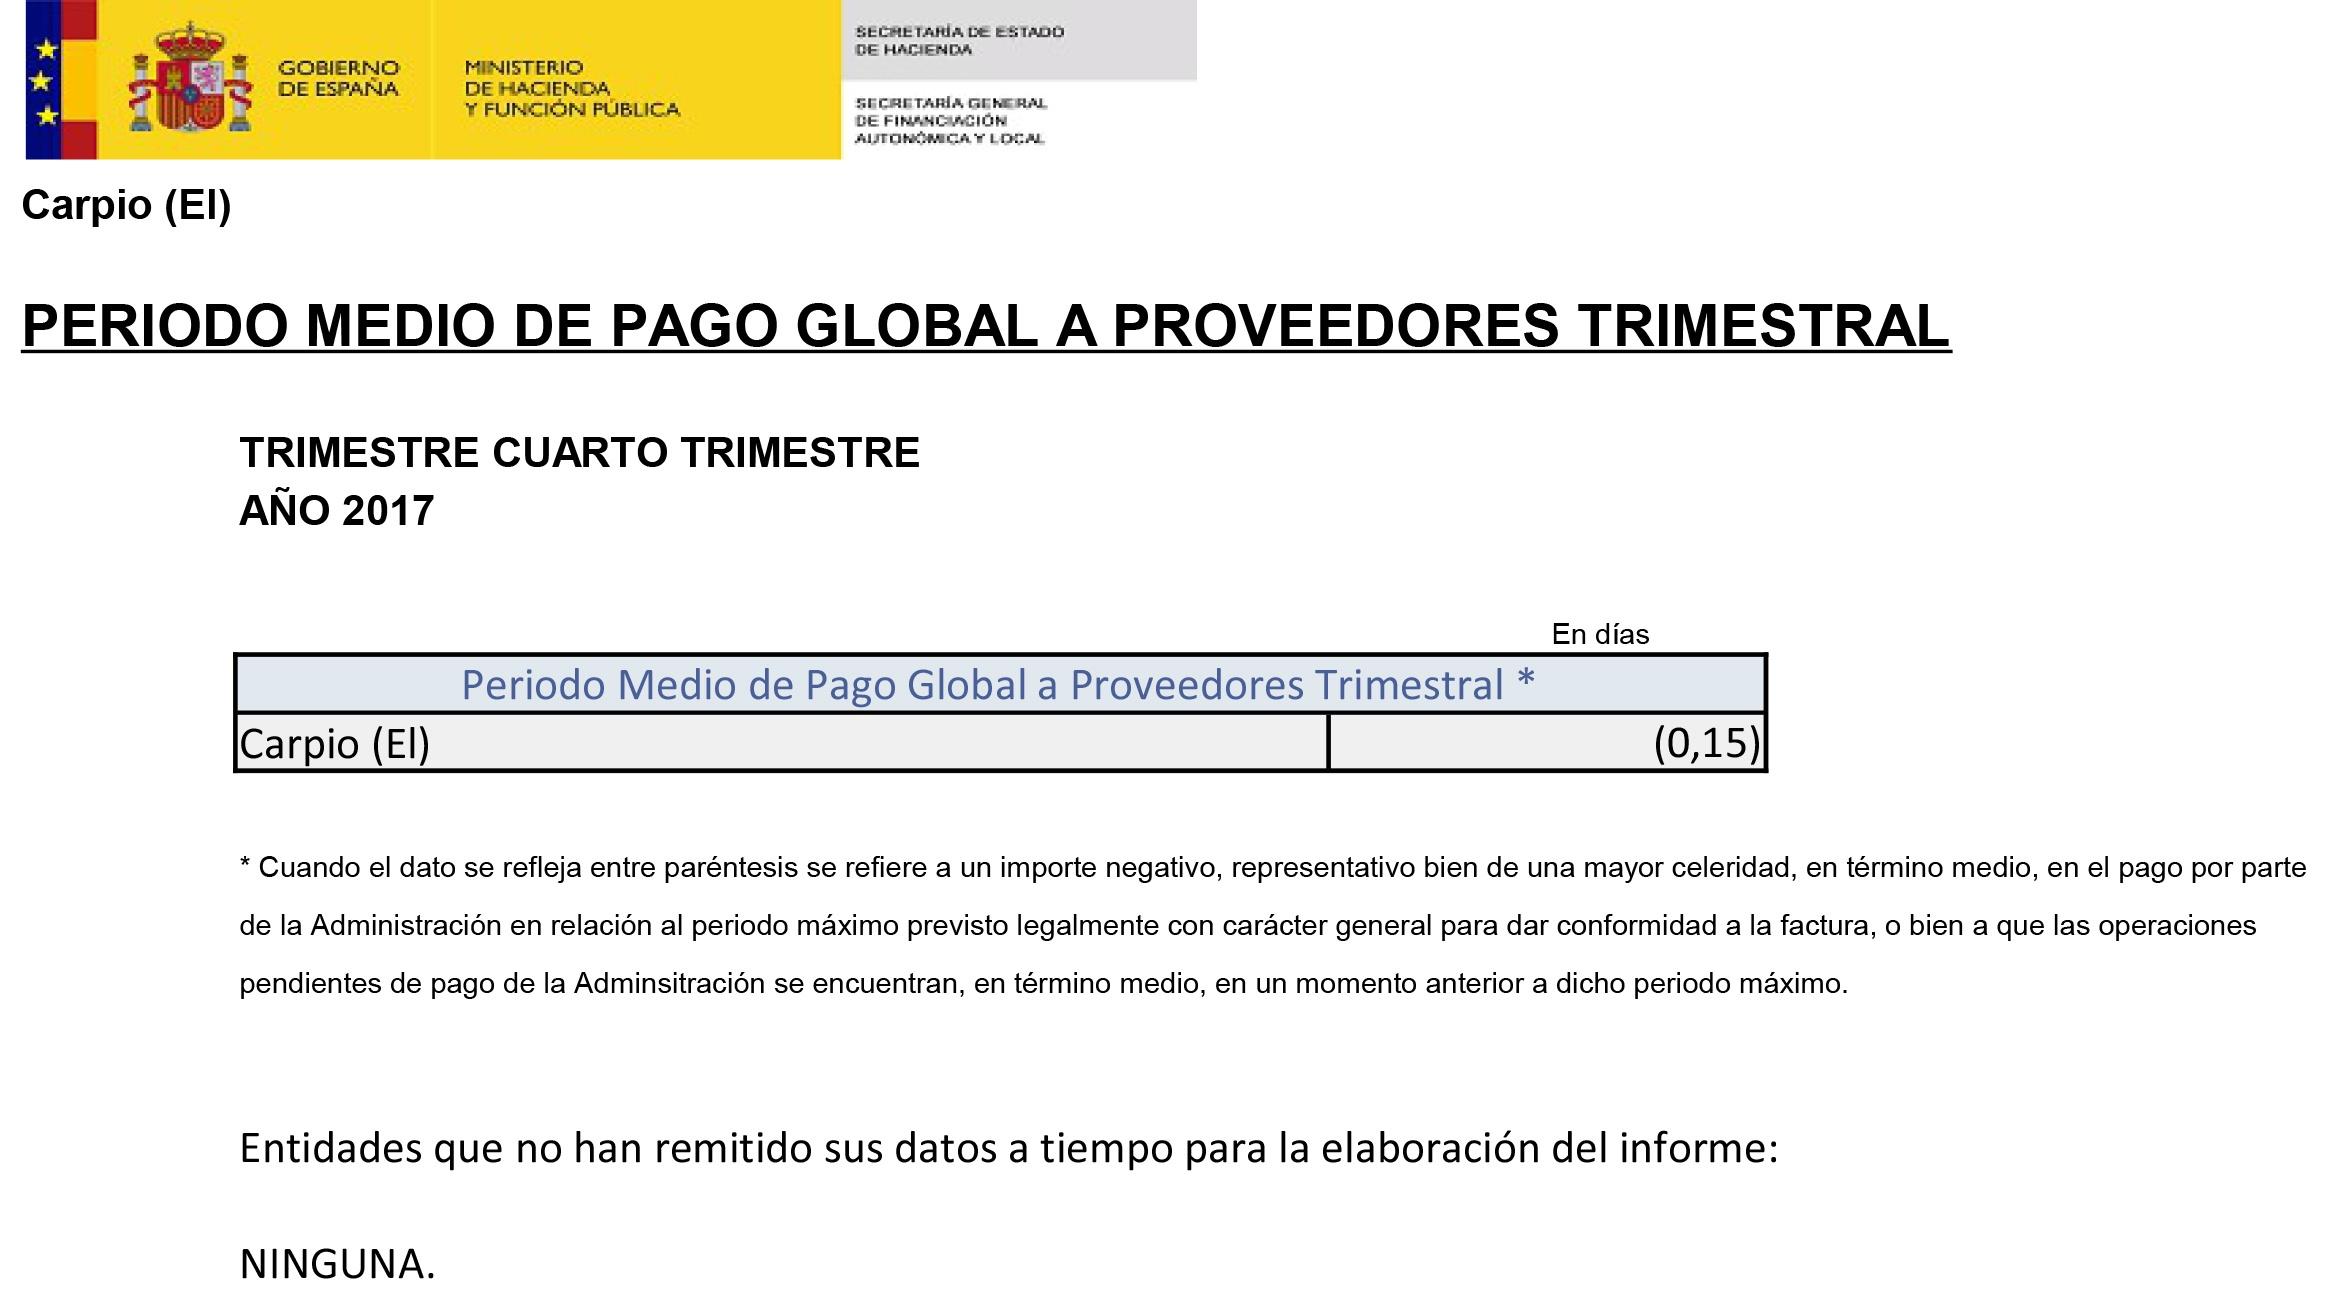 Periodo Medio de Pago a Proveedores Trimestral - Cuarto Trimestre 2017 1